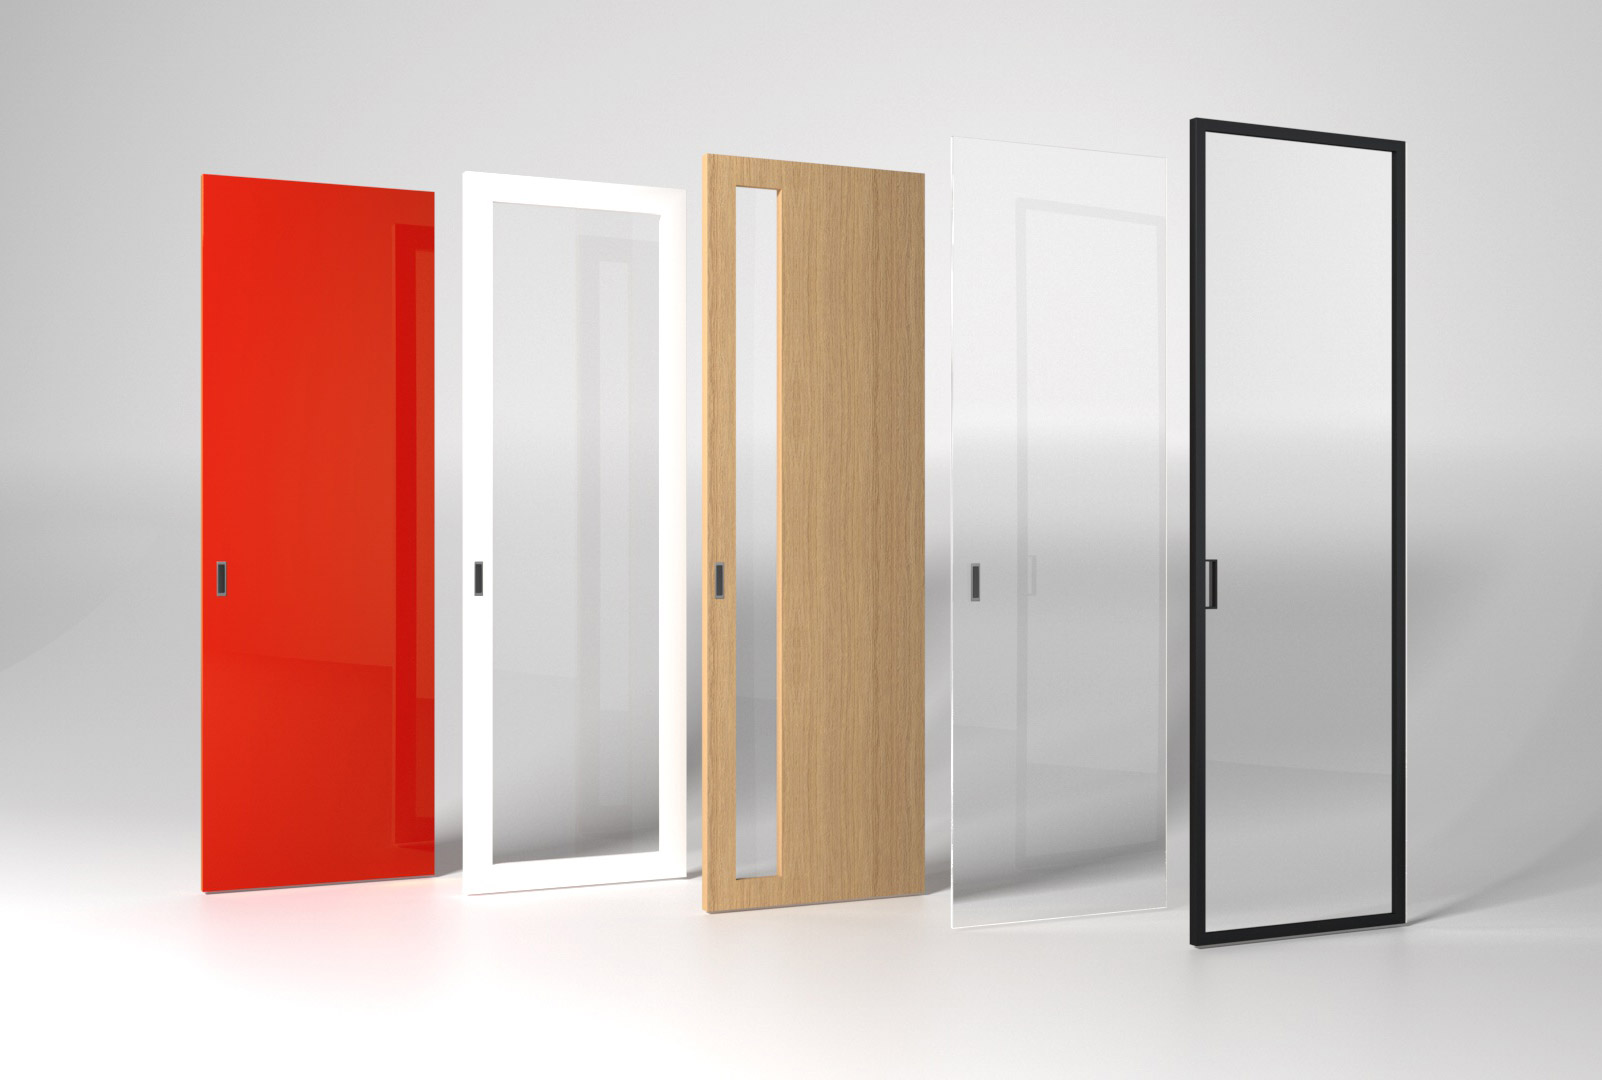 modelová řada posuvných dveří do bezobložkových stavebních pouzder